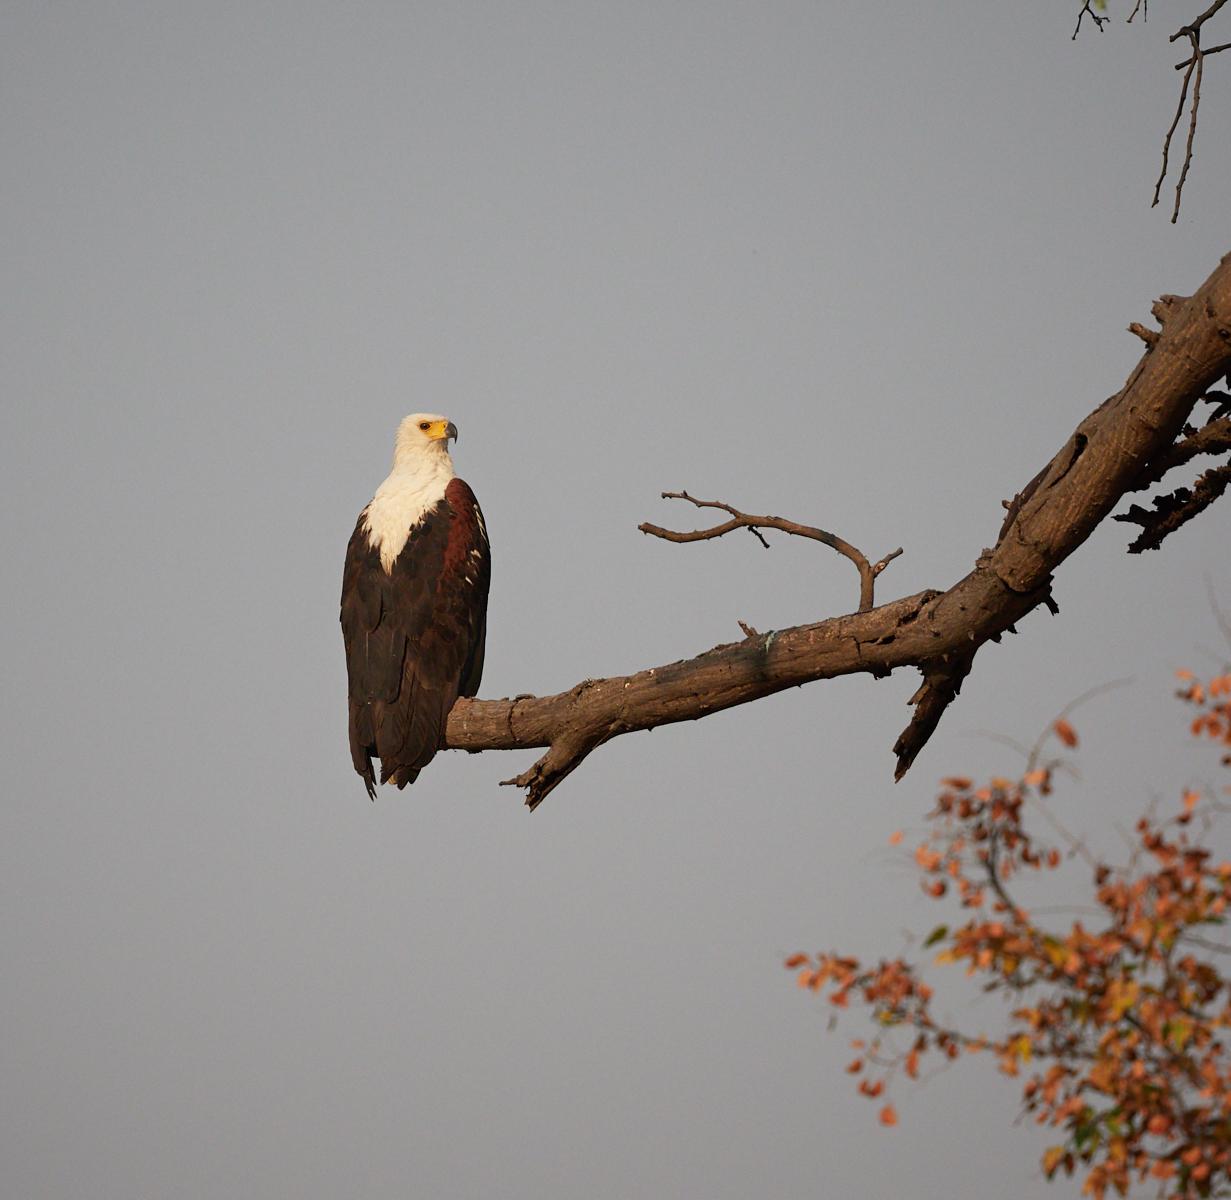 Fish Eagle 1600x1200 sRGB.jpg